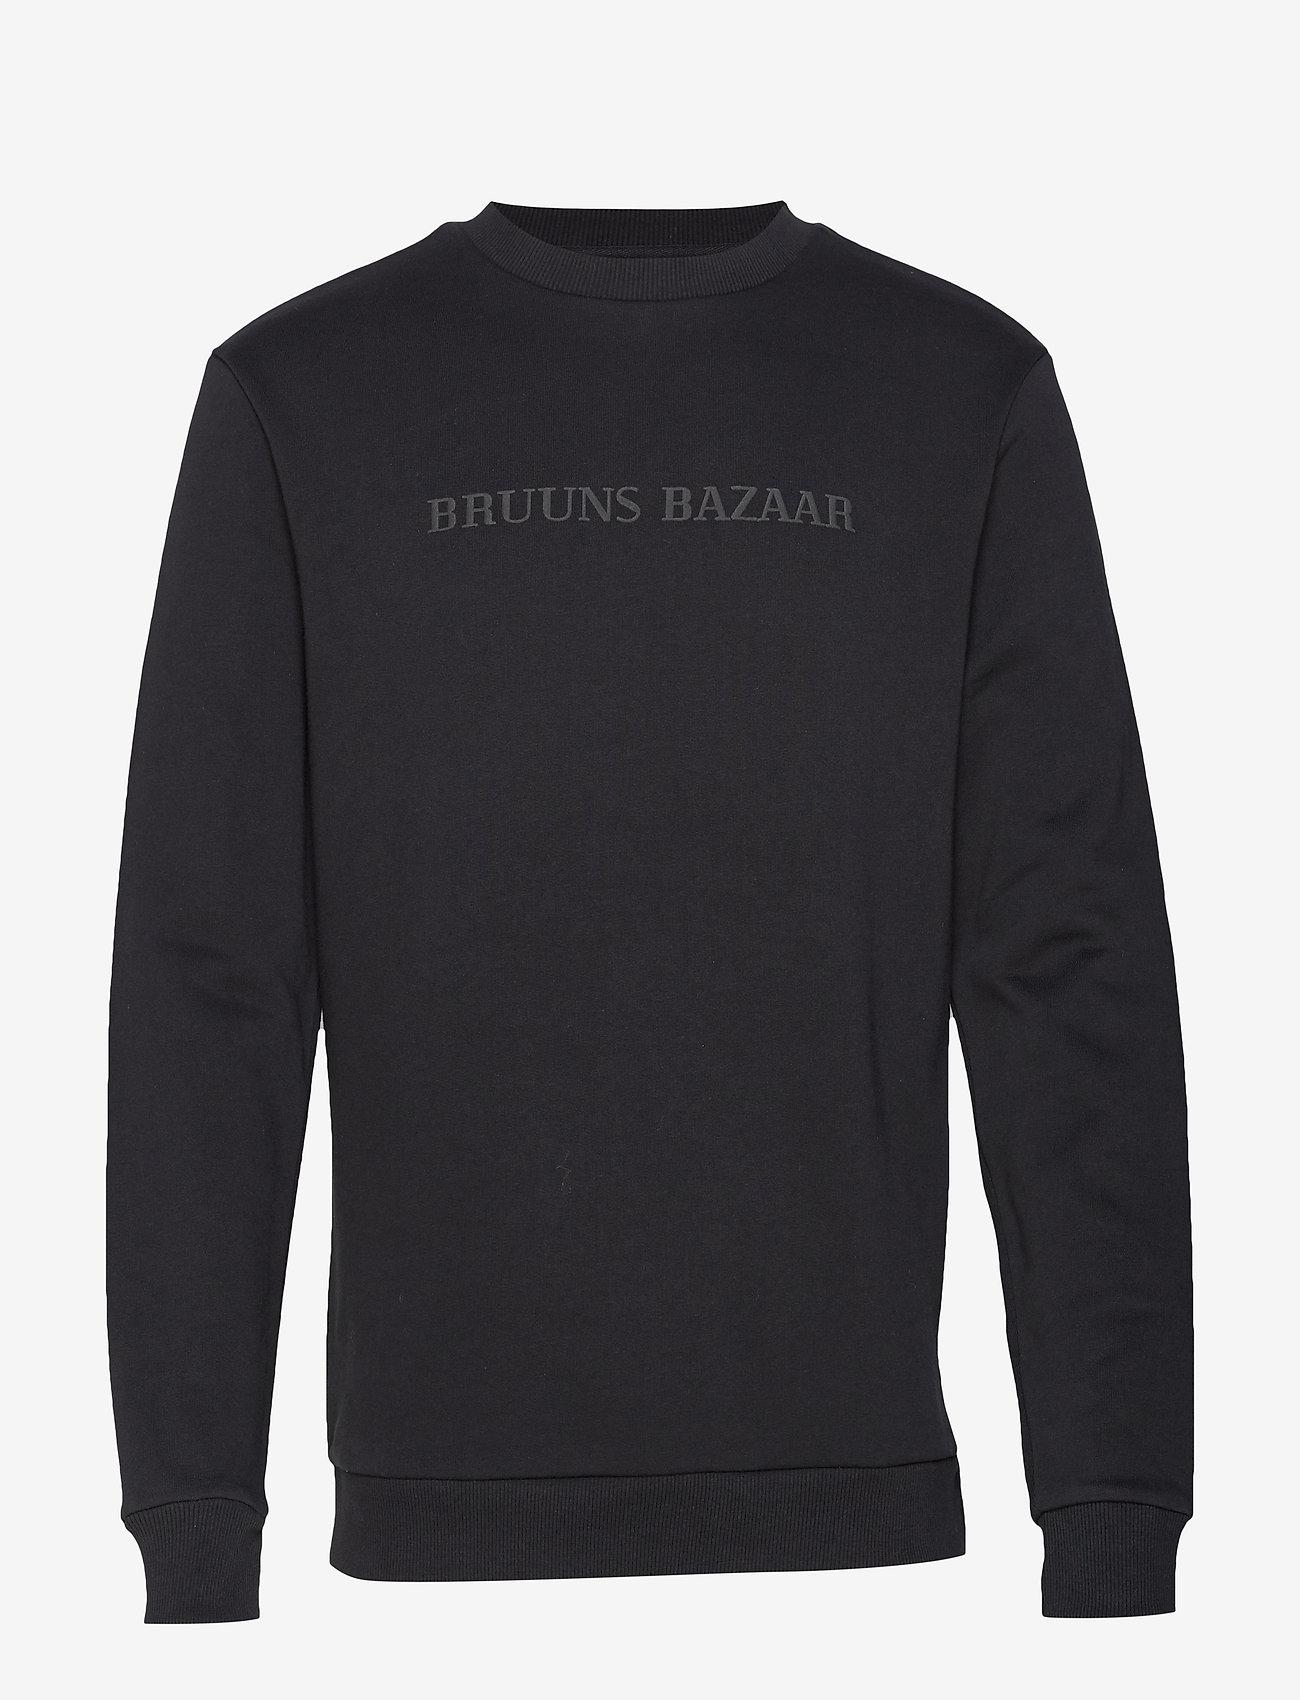 Bruuns Bazaar - Birk Crew Neck - sweats - black - 0